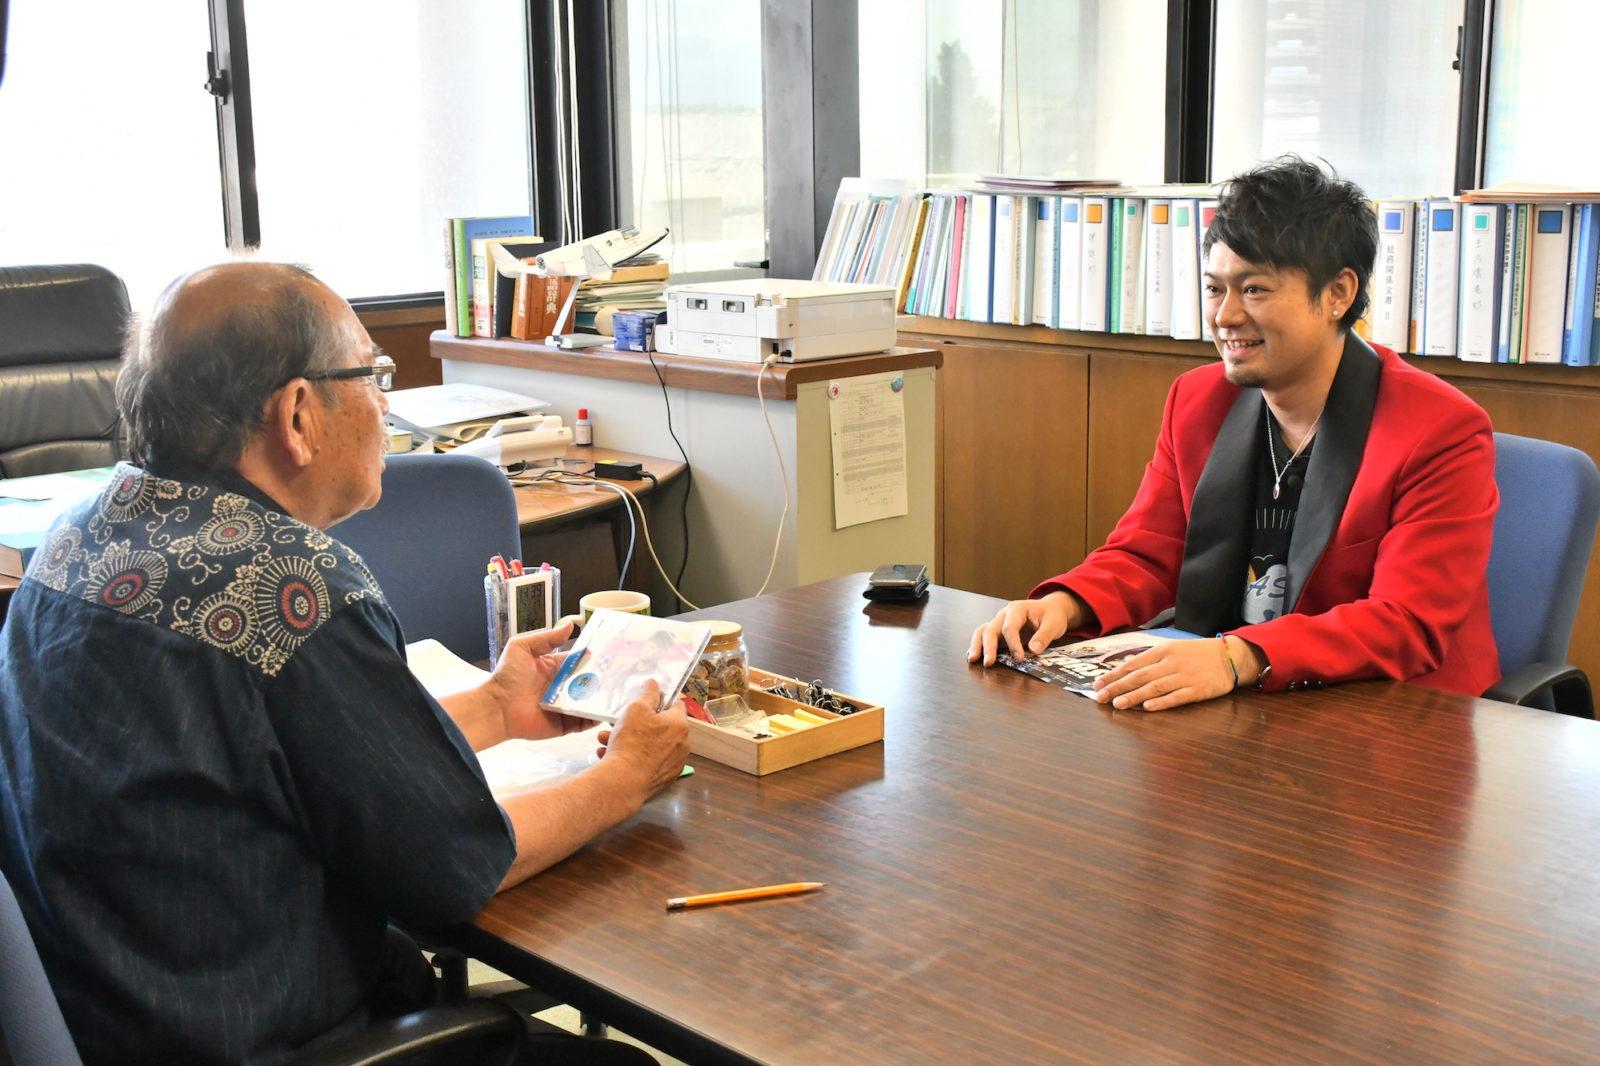 沖縄・宮古島出身シンガーソングライター・YAASUU、大阪・豊中まつりにてパフォーマンス披露決定サムネイル画像